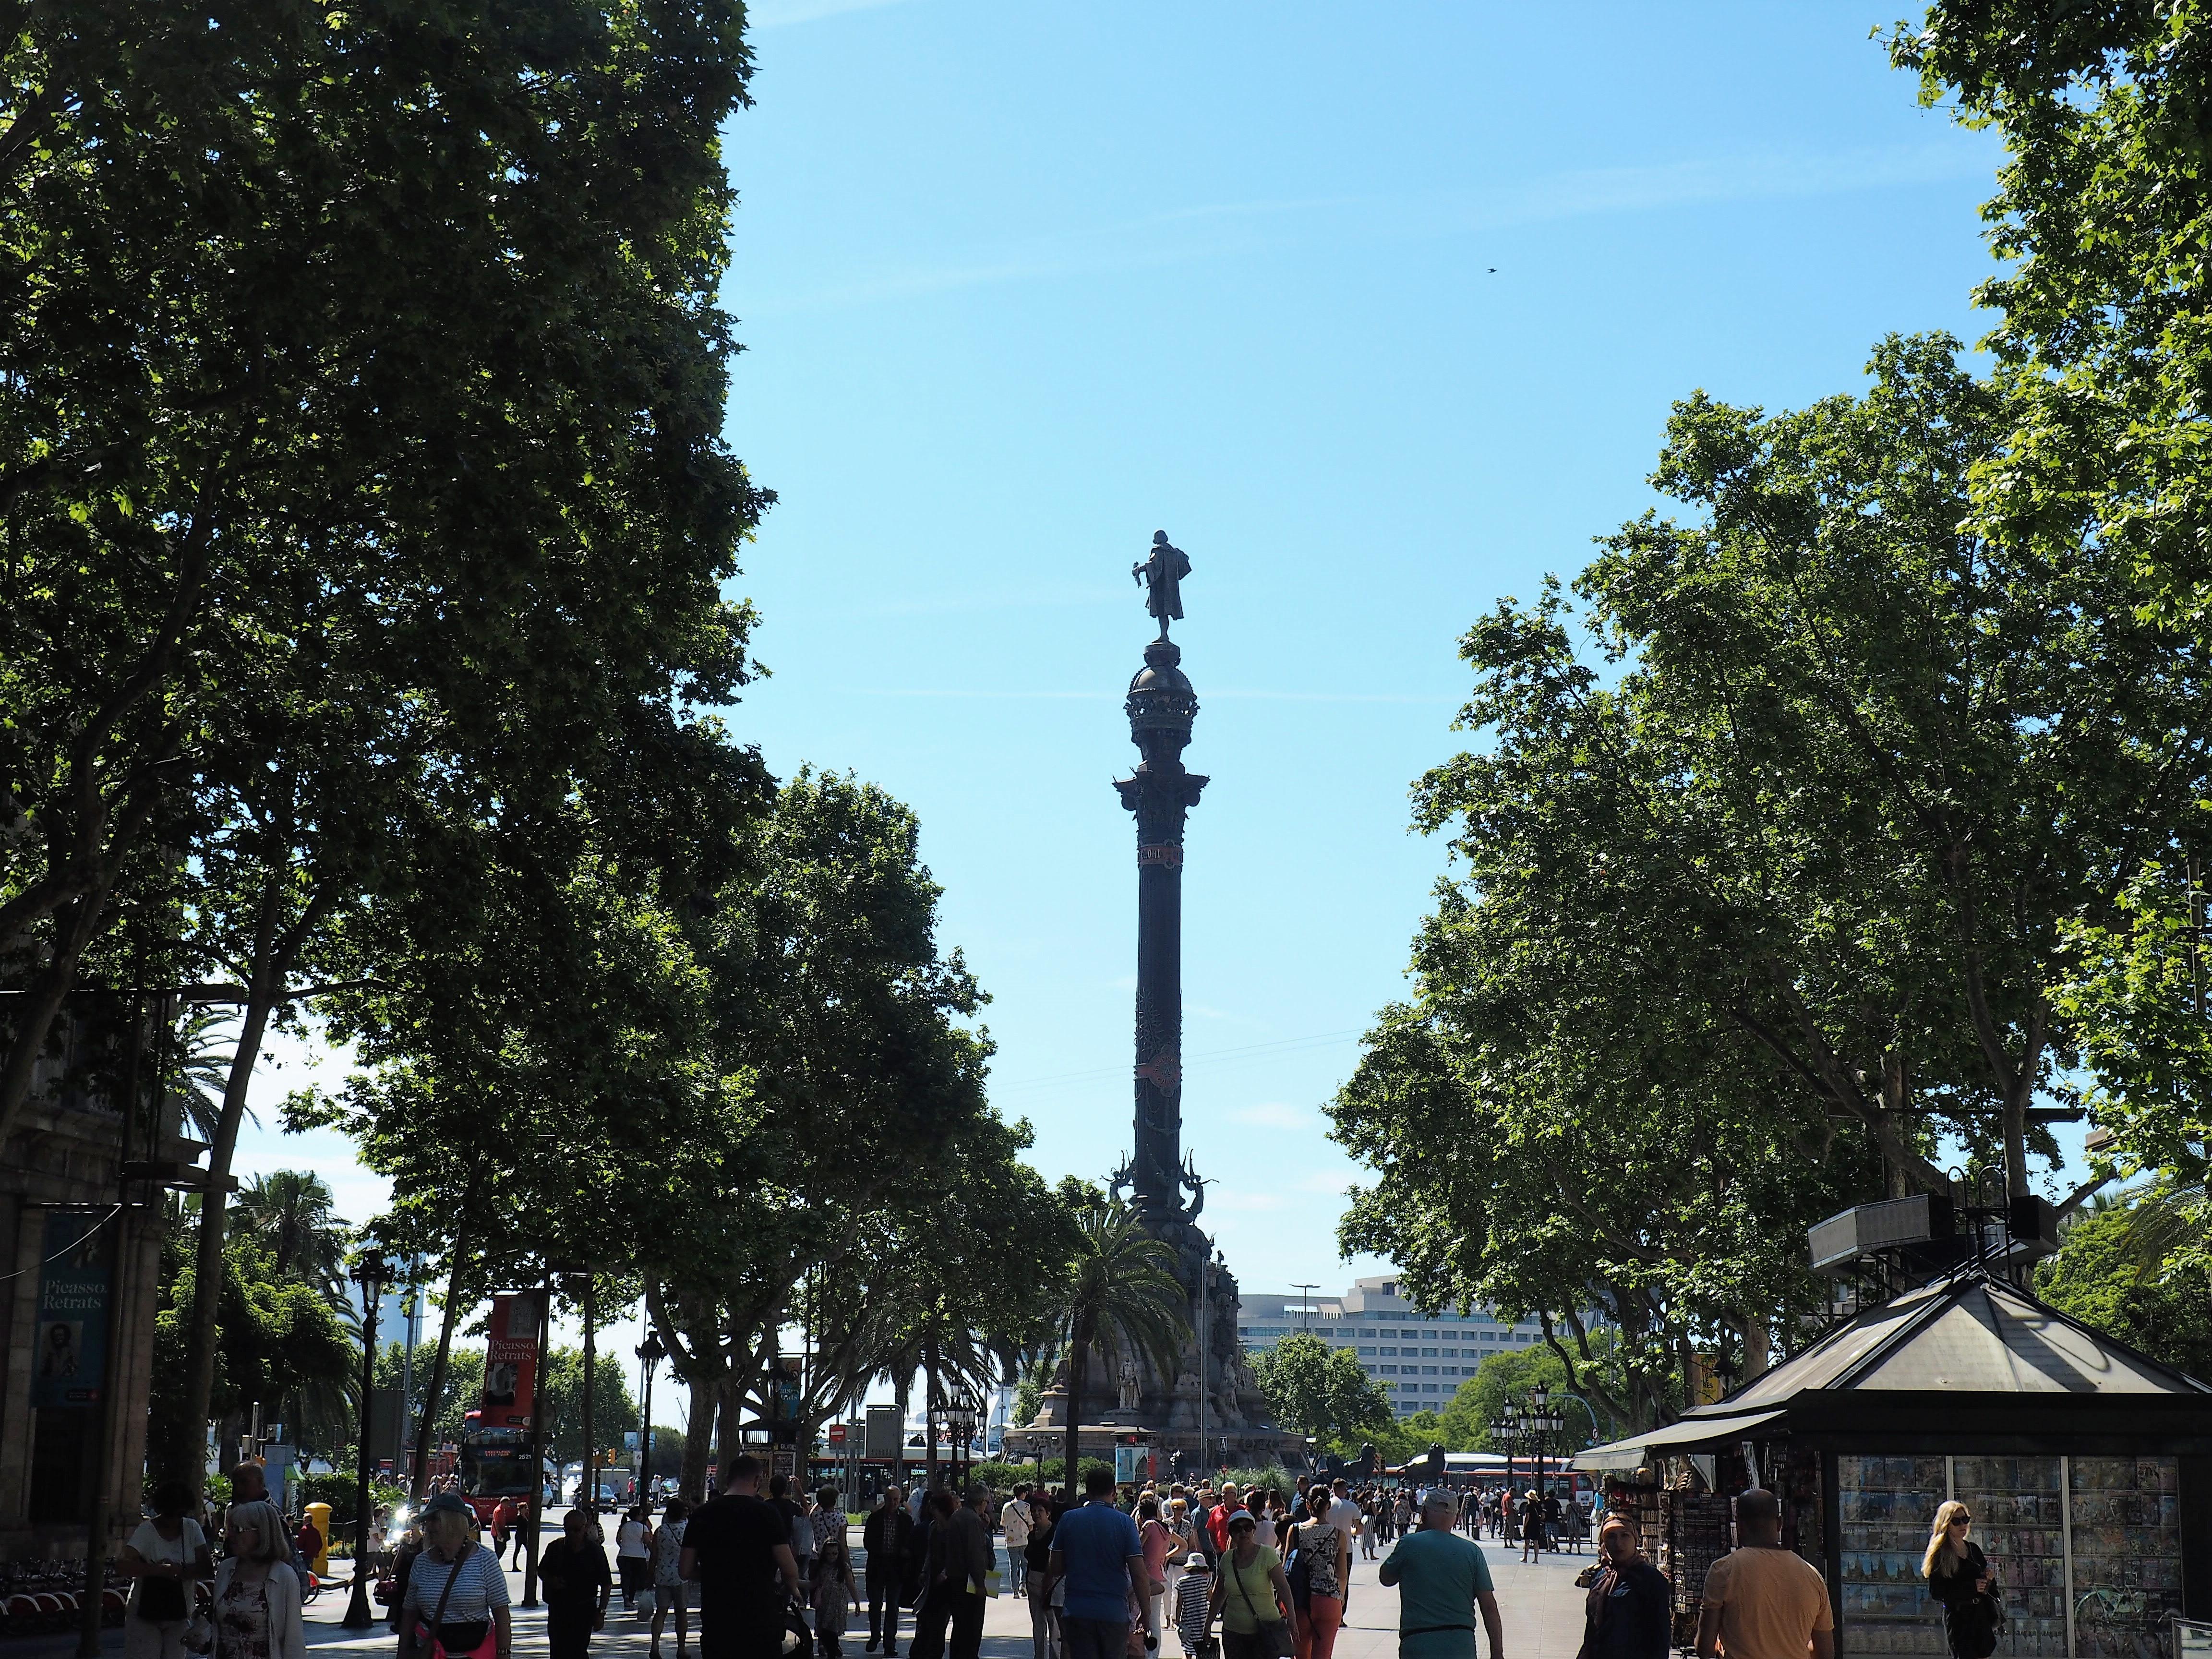 Kolumbussäule am Ende der Las Ramblas in Barcelona